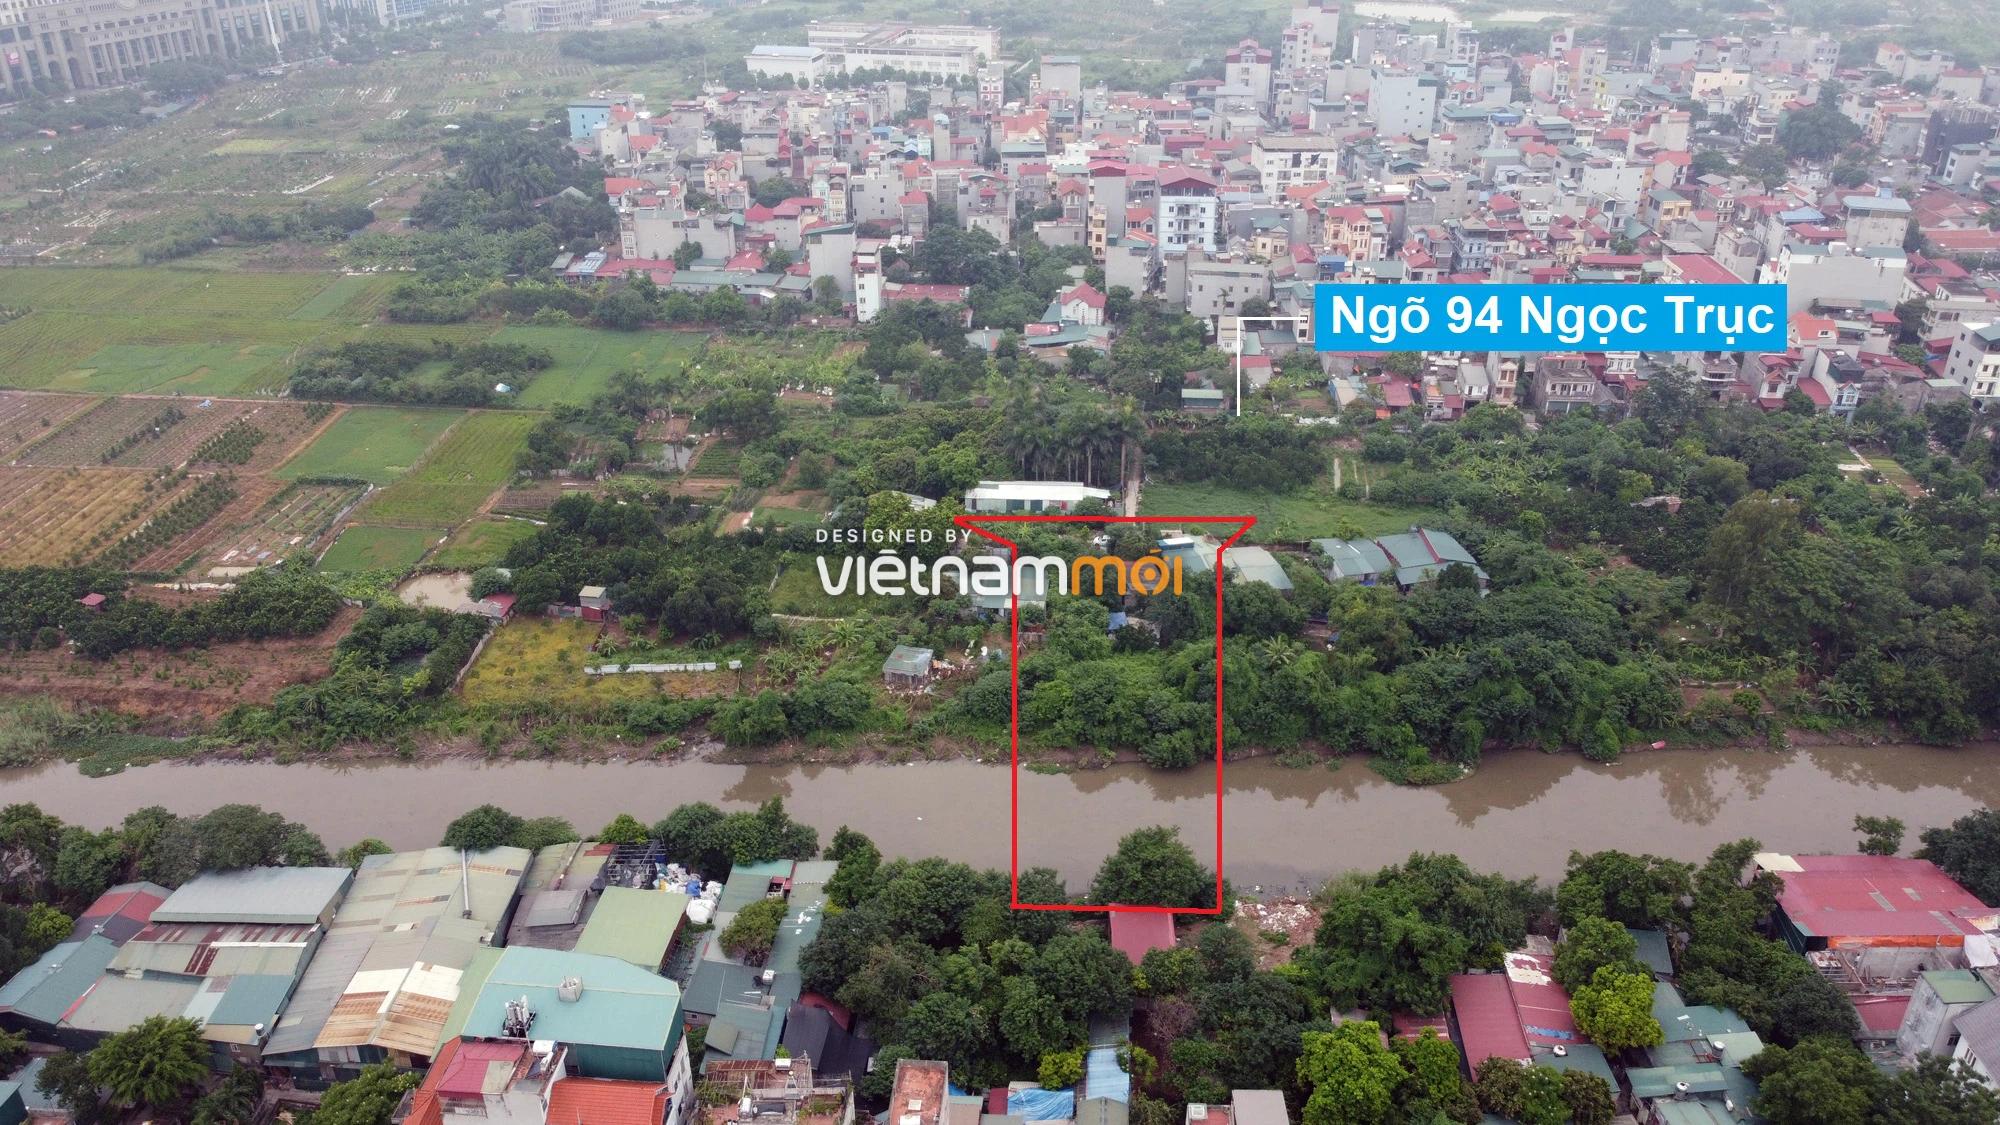 Những khu đất sắp thu hồi để mở đường ở phường Đại Mỗ, Nam Từ Liêm, Hà Nội (phần 2) Chưa xong - Ảnh 10.